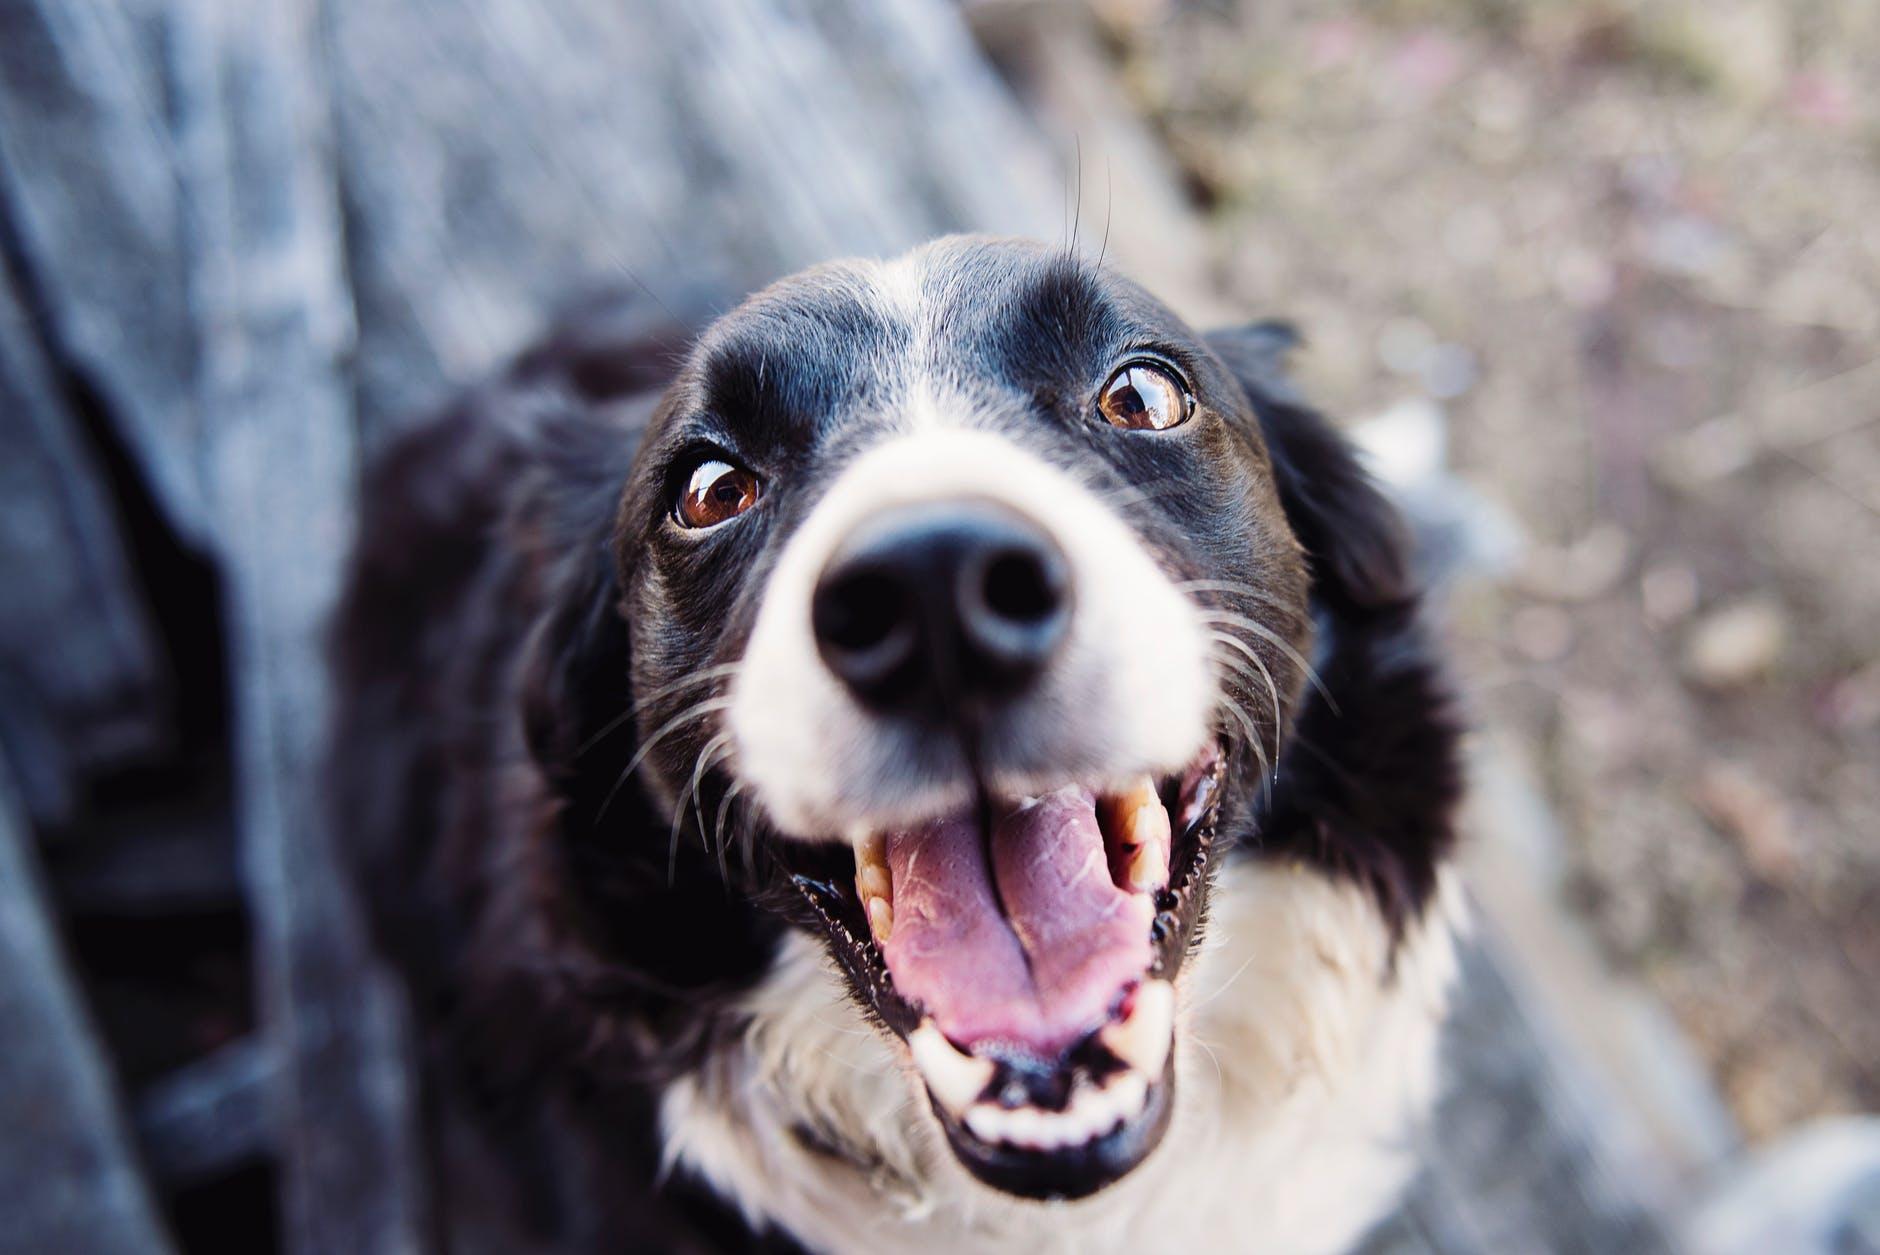 Pourquoi les chiens halètent-ils?